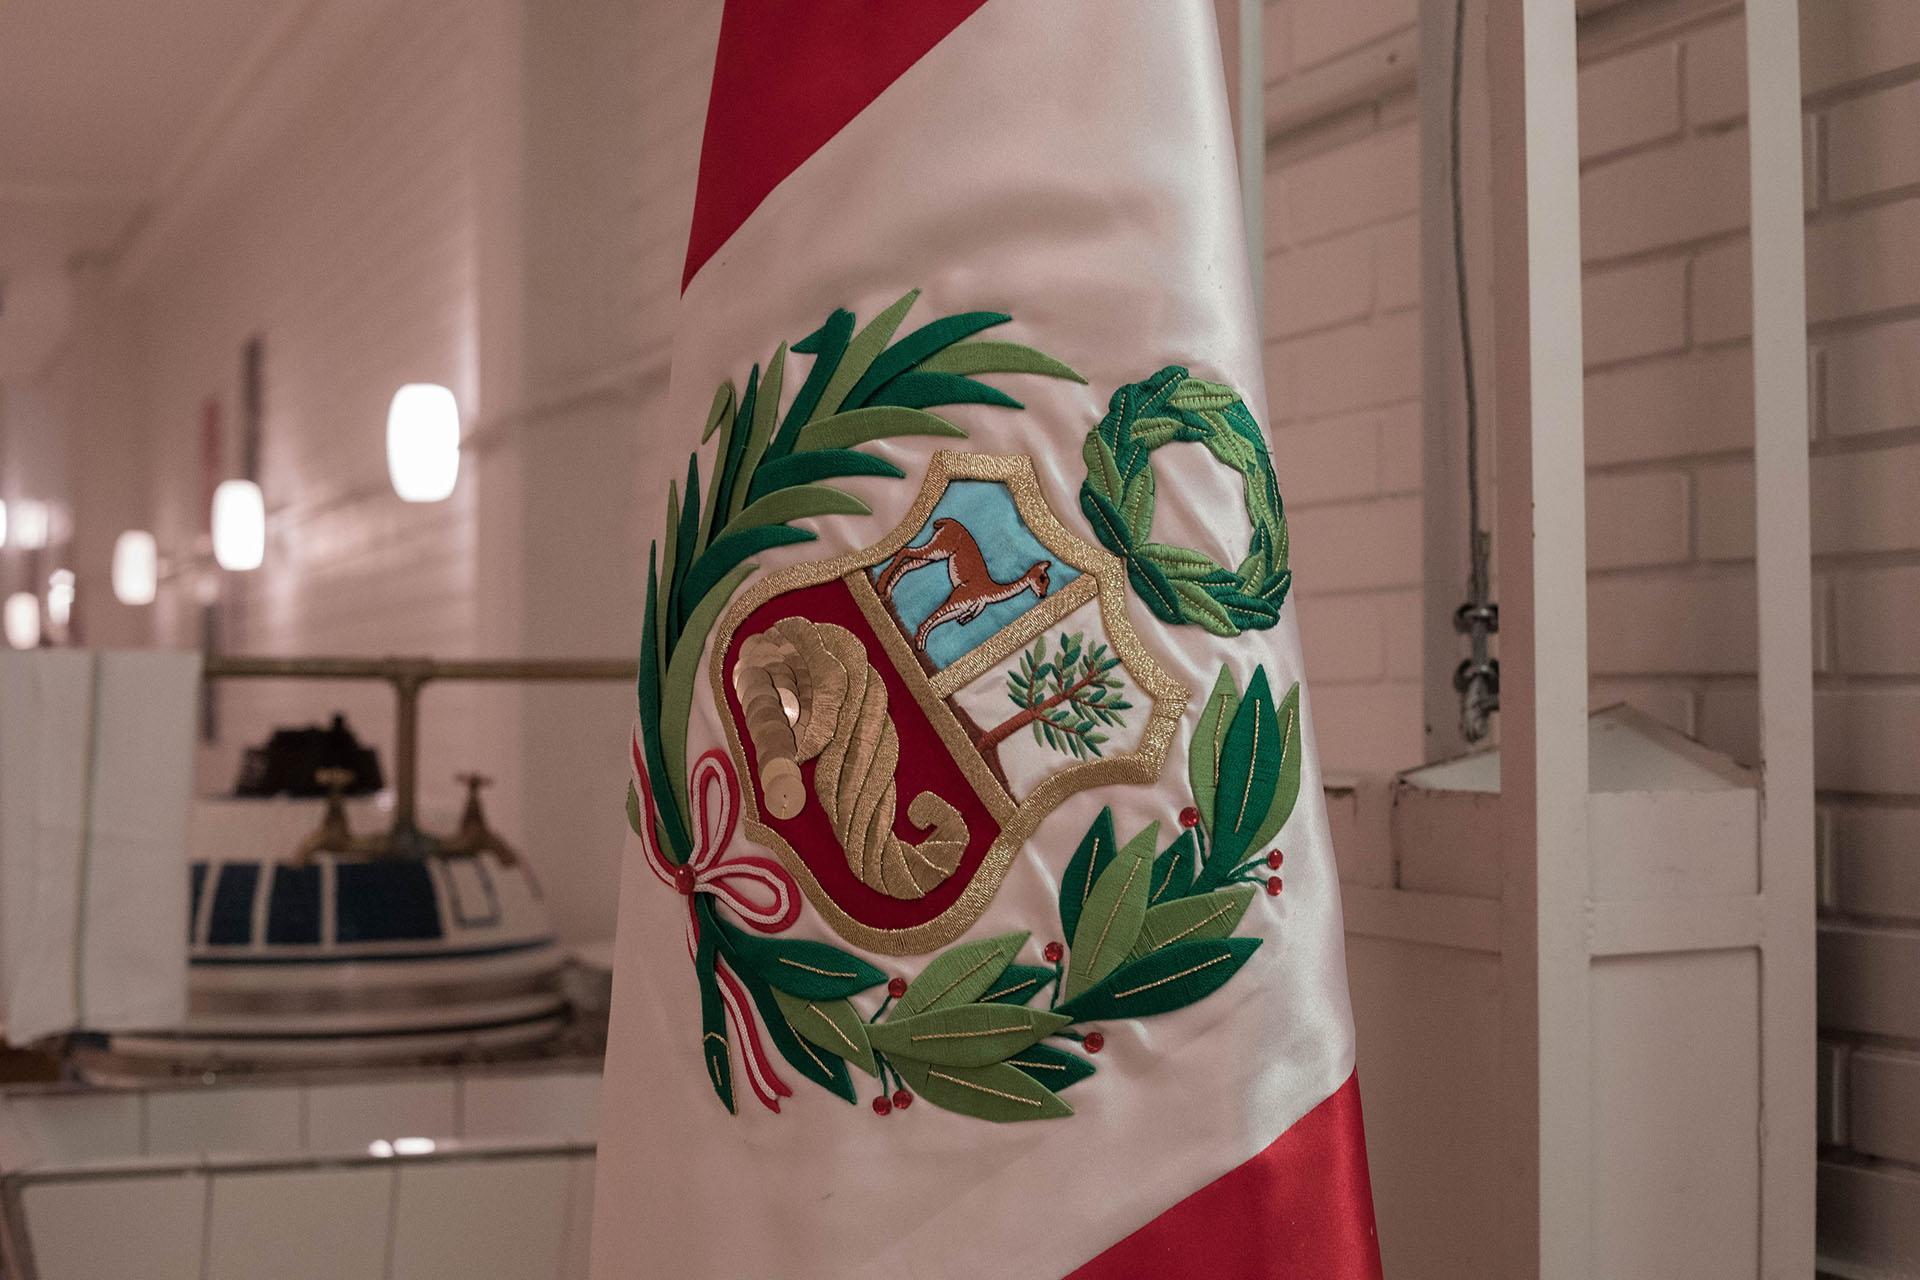 Como parte de la gran semana de la gastronomía de la mano de HSBC, se llevó a cabo una comida junto a chefs peruanos en Narda Comedor